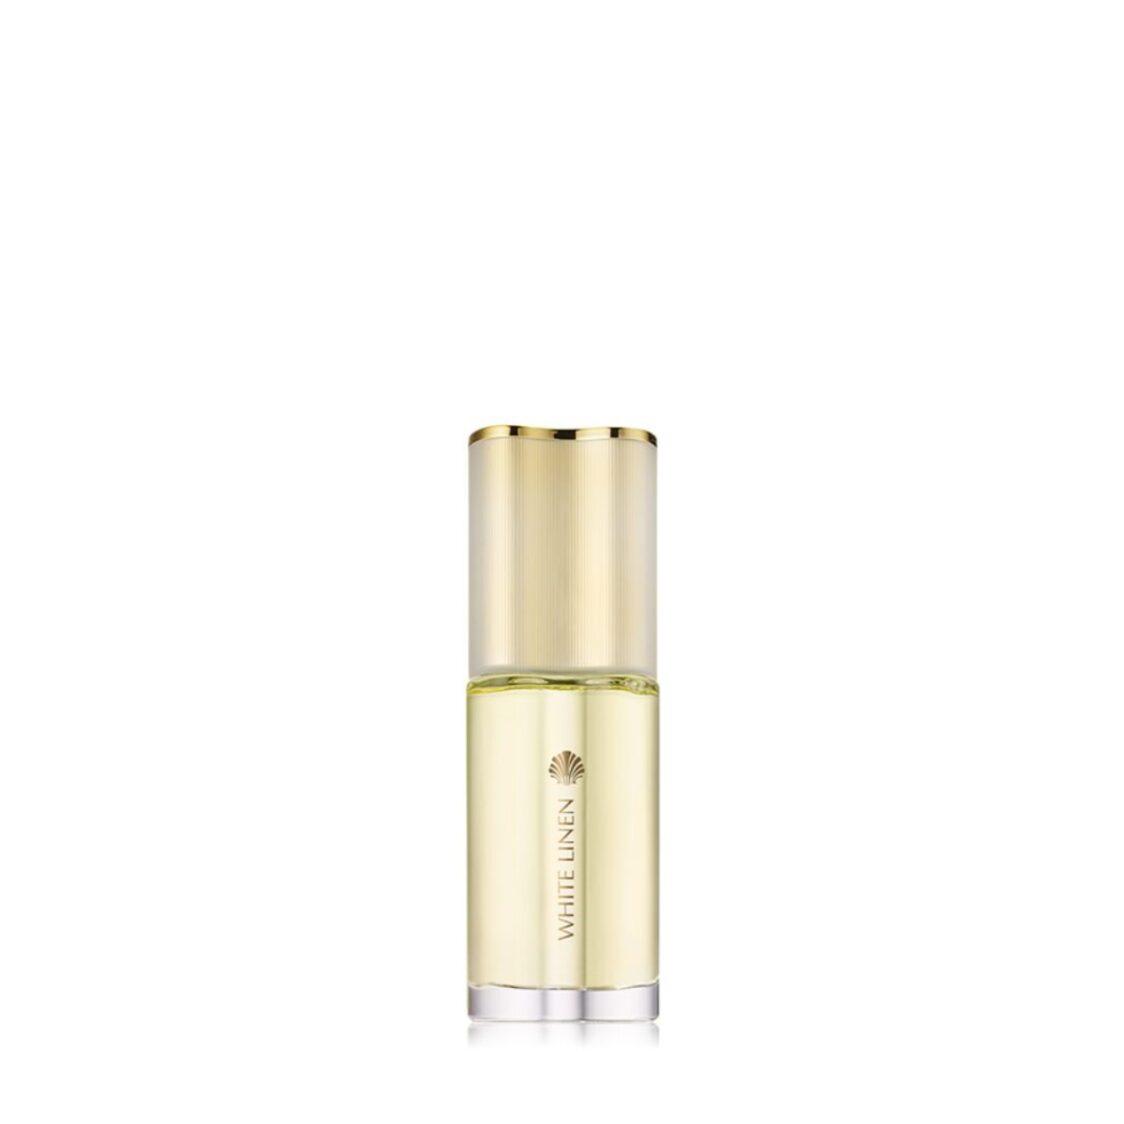 Este Lauder White Linen Eau de Parfum Spray 60ml